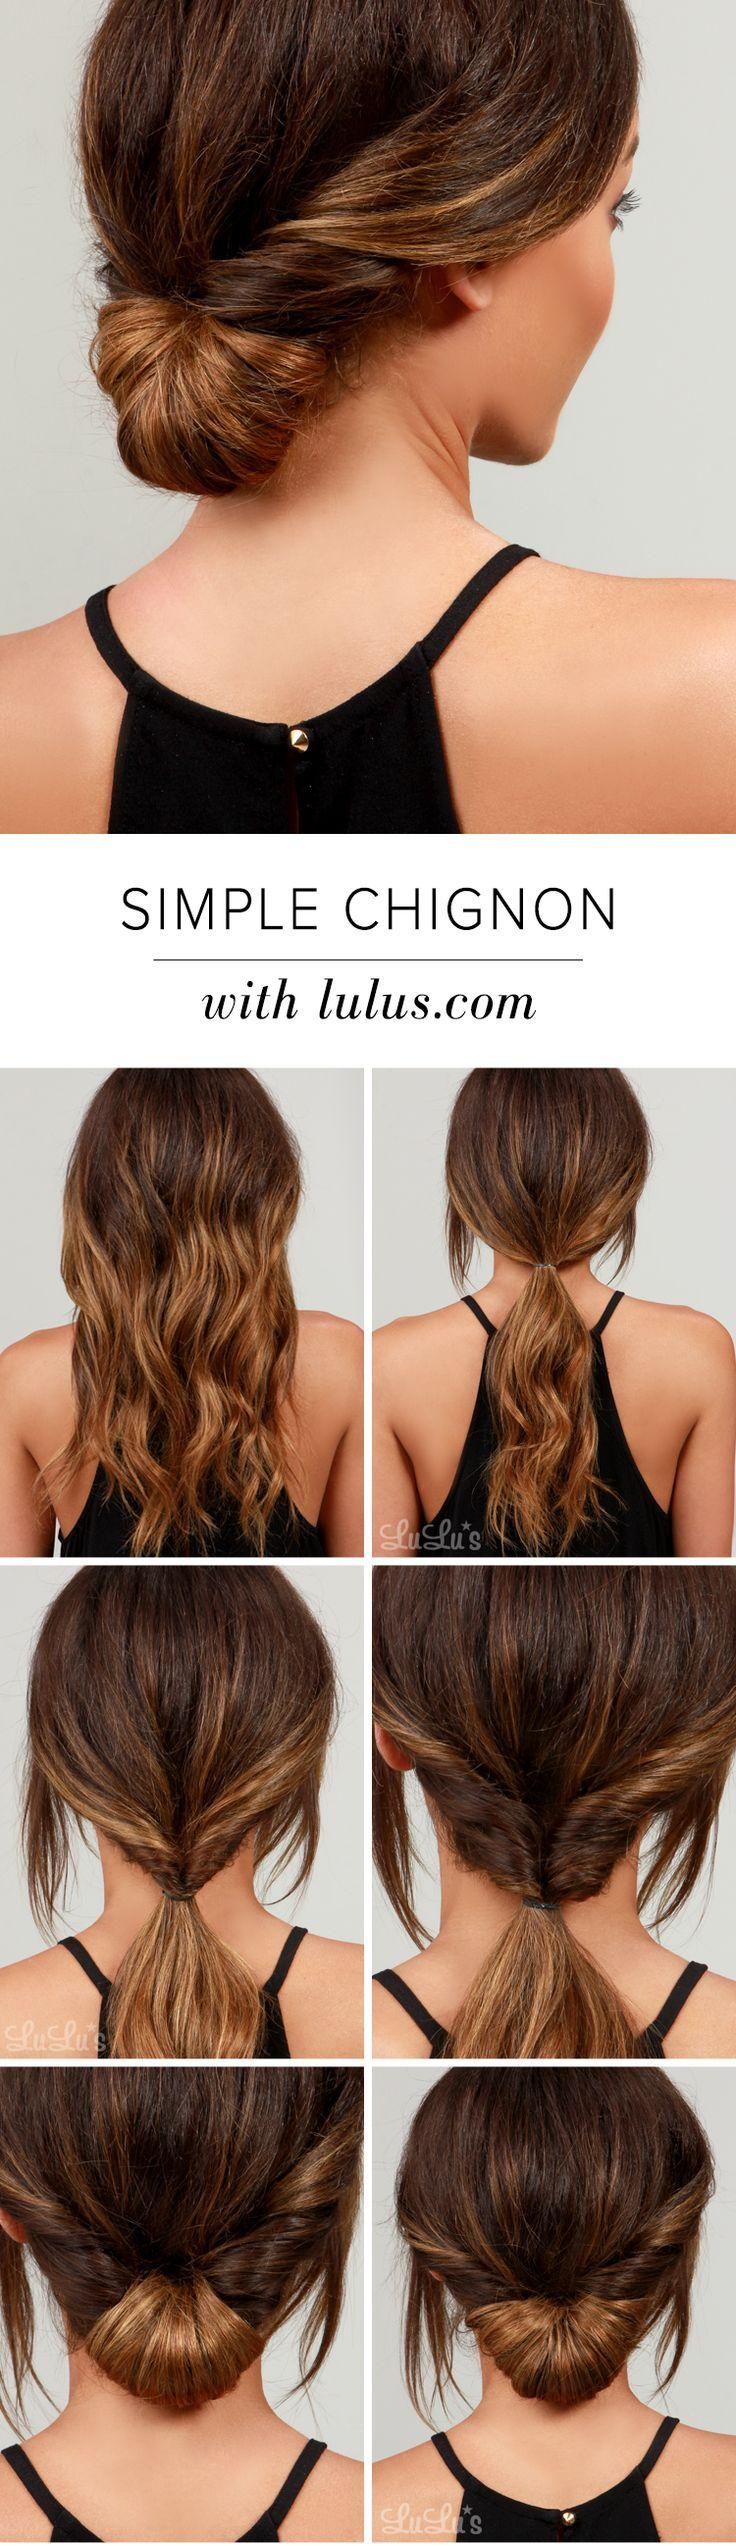 simple chignon tutorial